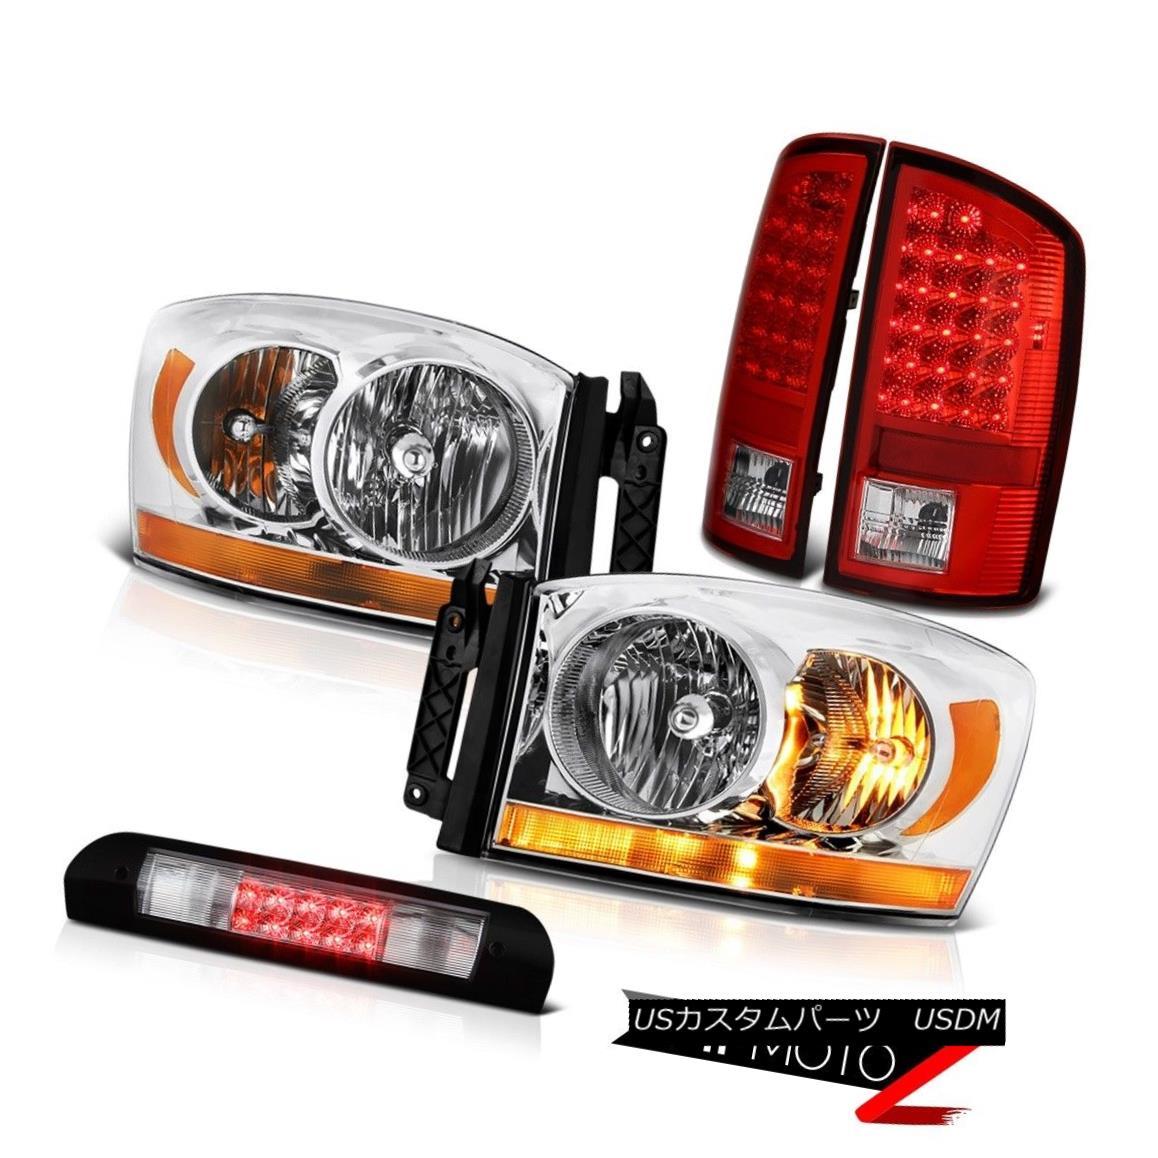 ヘッドライト 2007-2008 Dodge Ram 1500 Ws Headlights Roof Cargo Lamp Bloody Red Tail Lights 2007-2008ダッジラム1500 Wsヘッドライト屋根カーゴランプブラッディレッドテールライト